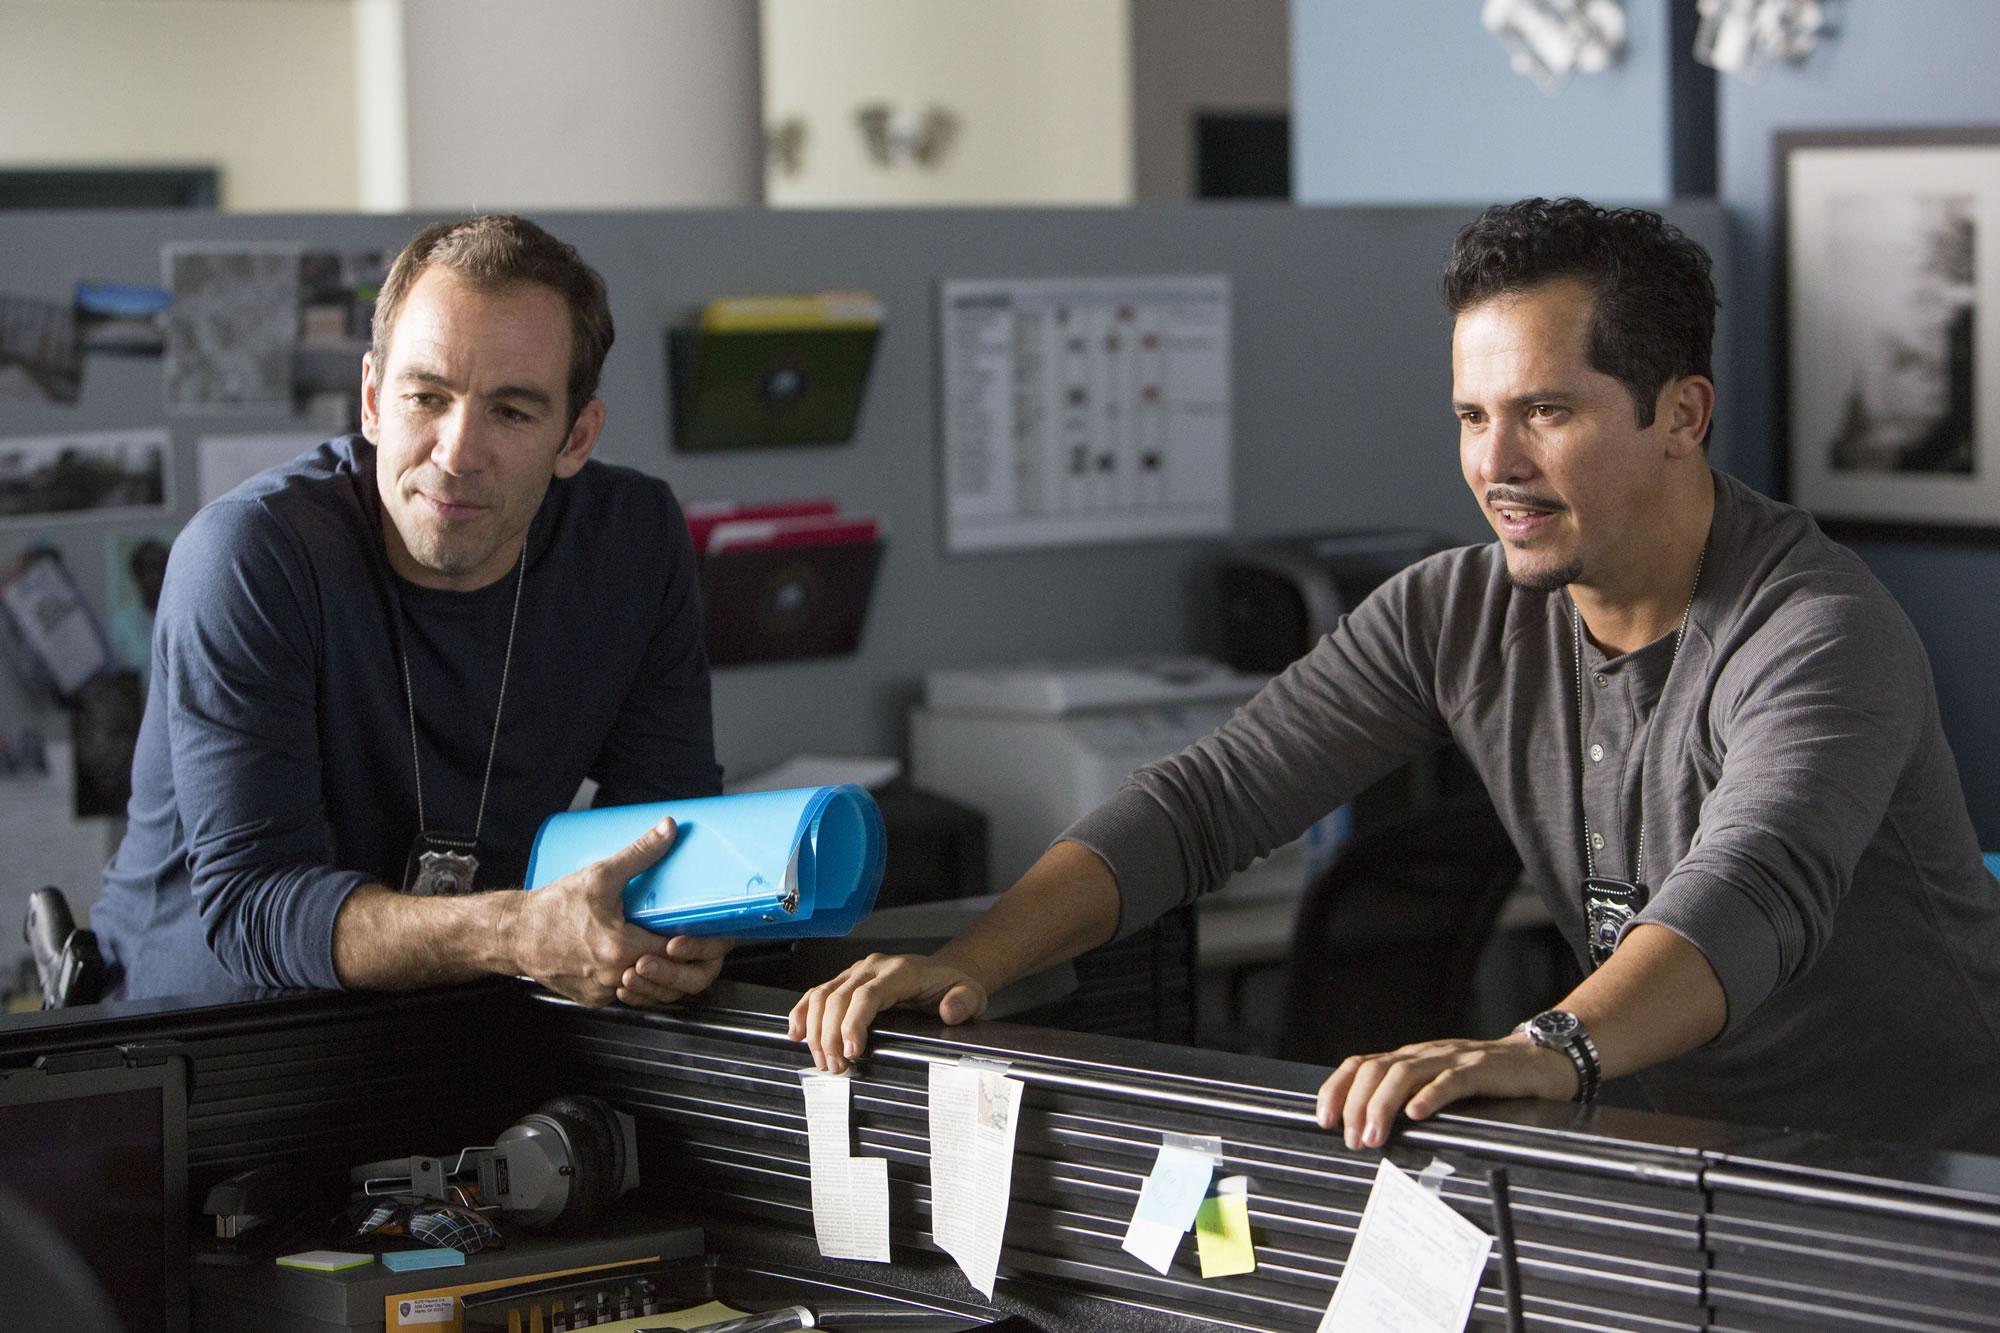 Ride Along 14 - Bryan Callen and John Leguizamo - blackfilm.com/read ...